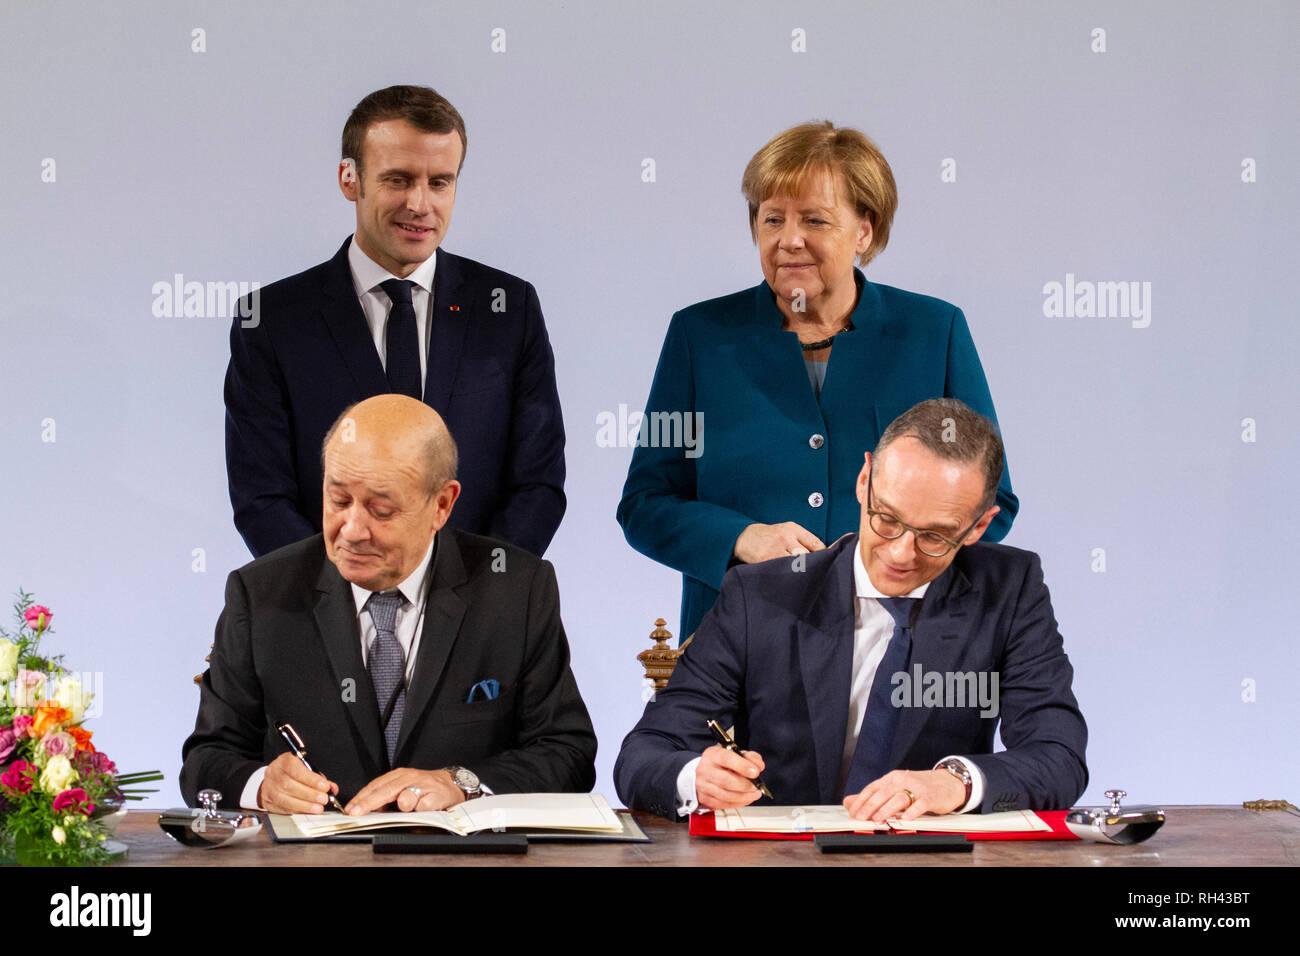 Jean-Yves Le Drian, Emmanuel Macron, Angela Merkel und Heiko Maas  bei der Erneuerung des deutsch-französischen Freundschaftsvertrages im Rathaus. Aac - Stock Image